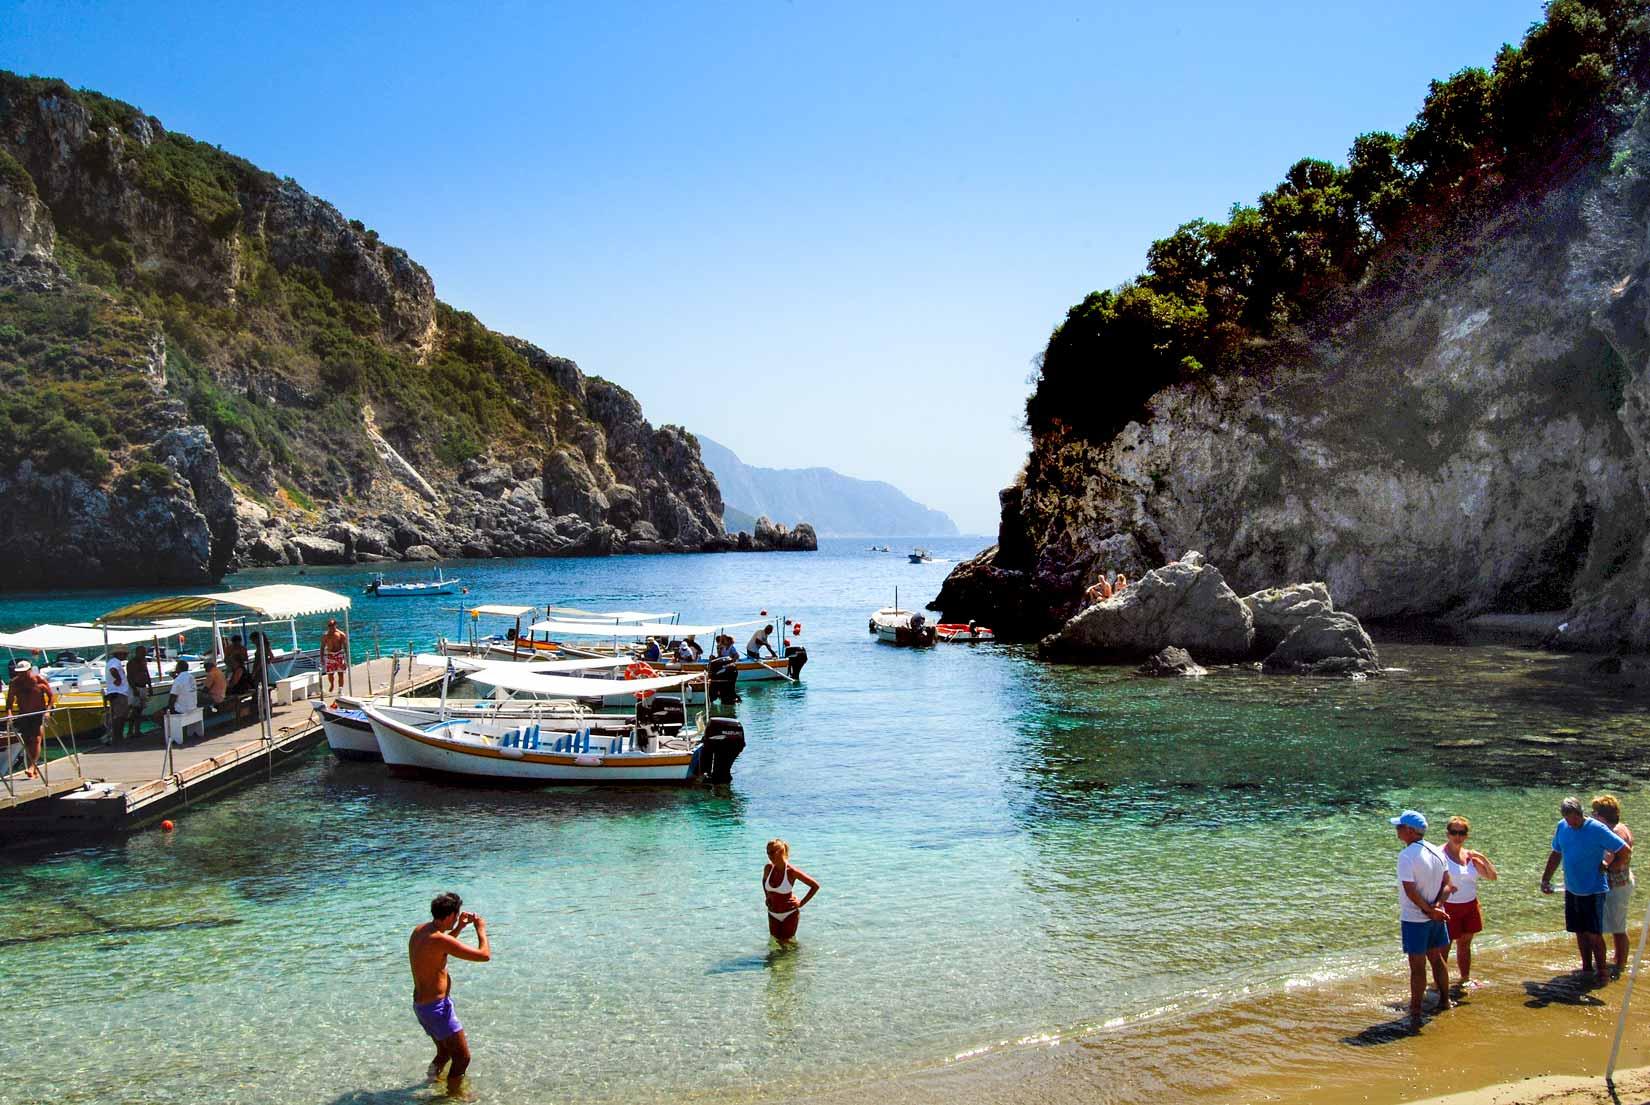 Záliv Svatého Spirose můžeme považovat za ústřední pláž letoviska Paleokastritsa. V sezóně je tu hlava na hlavě, tělo na tělo...